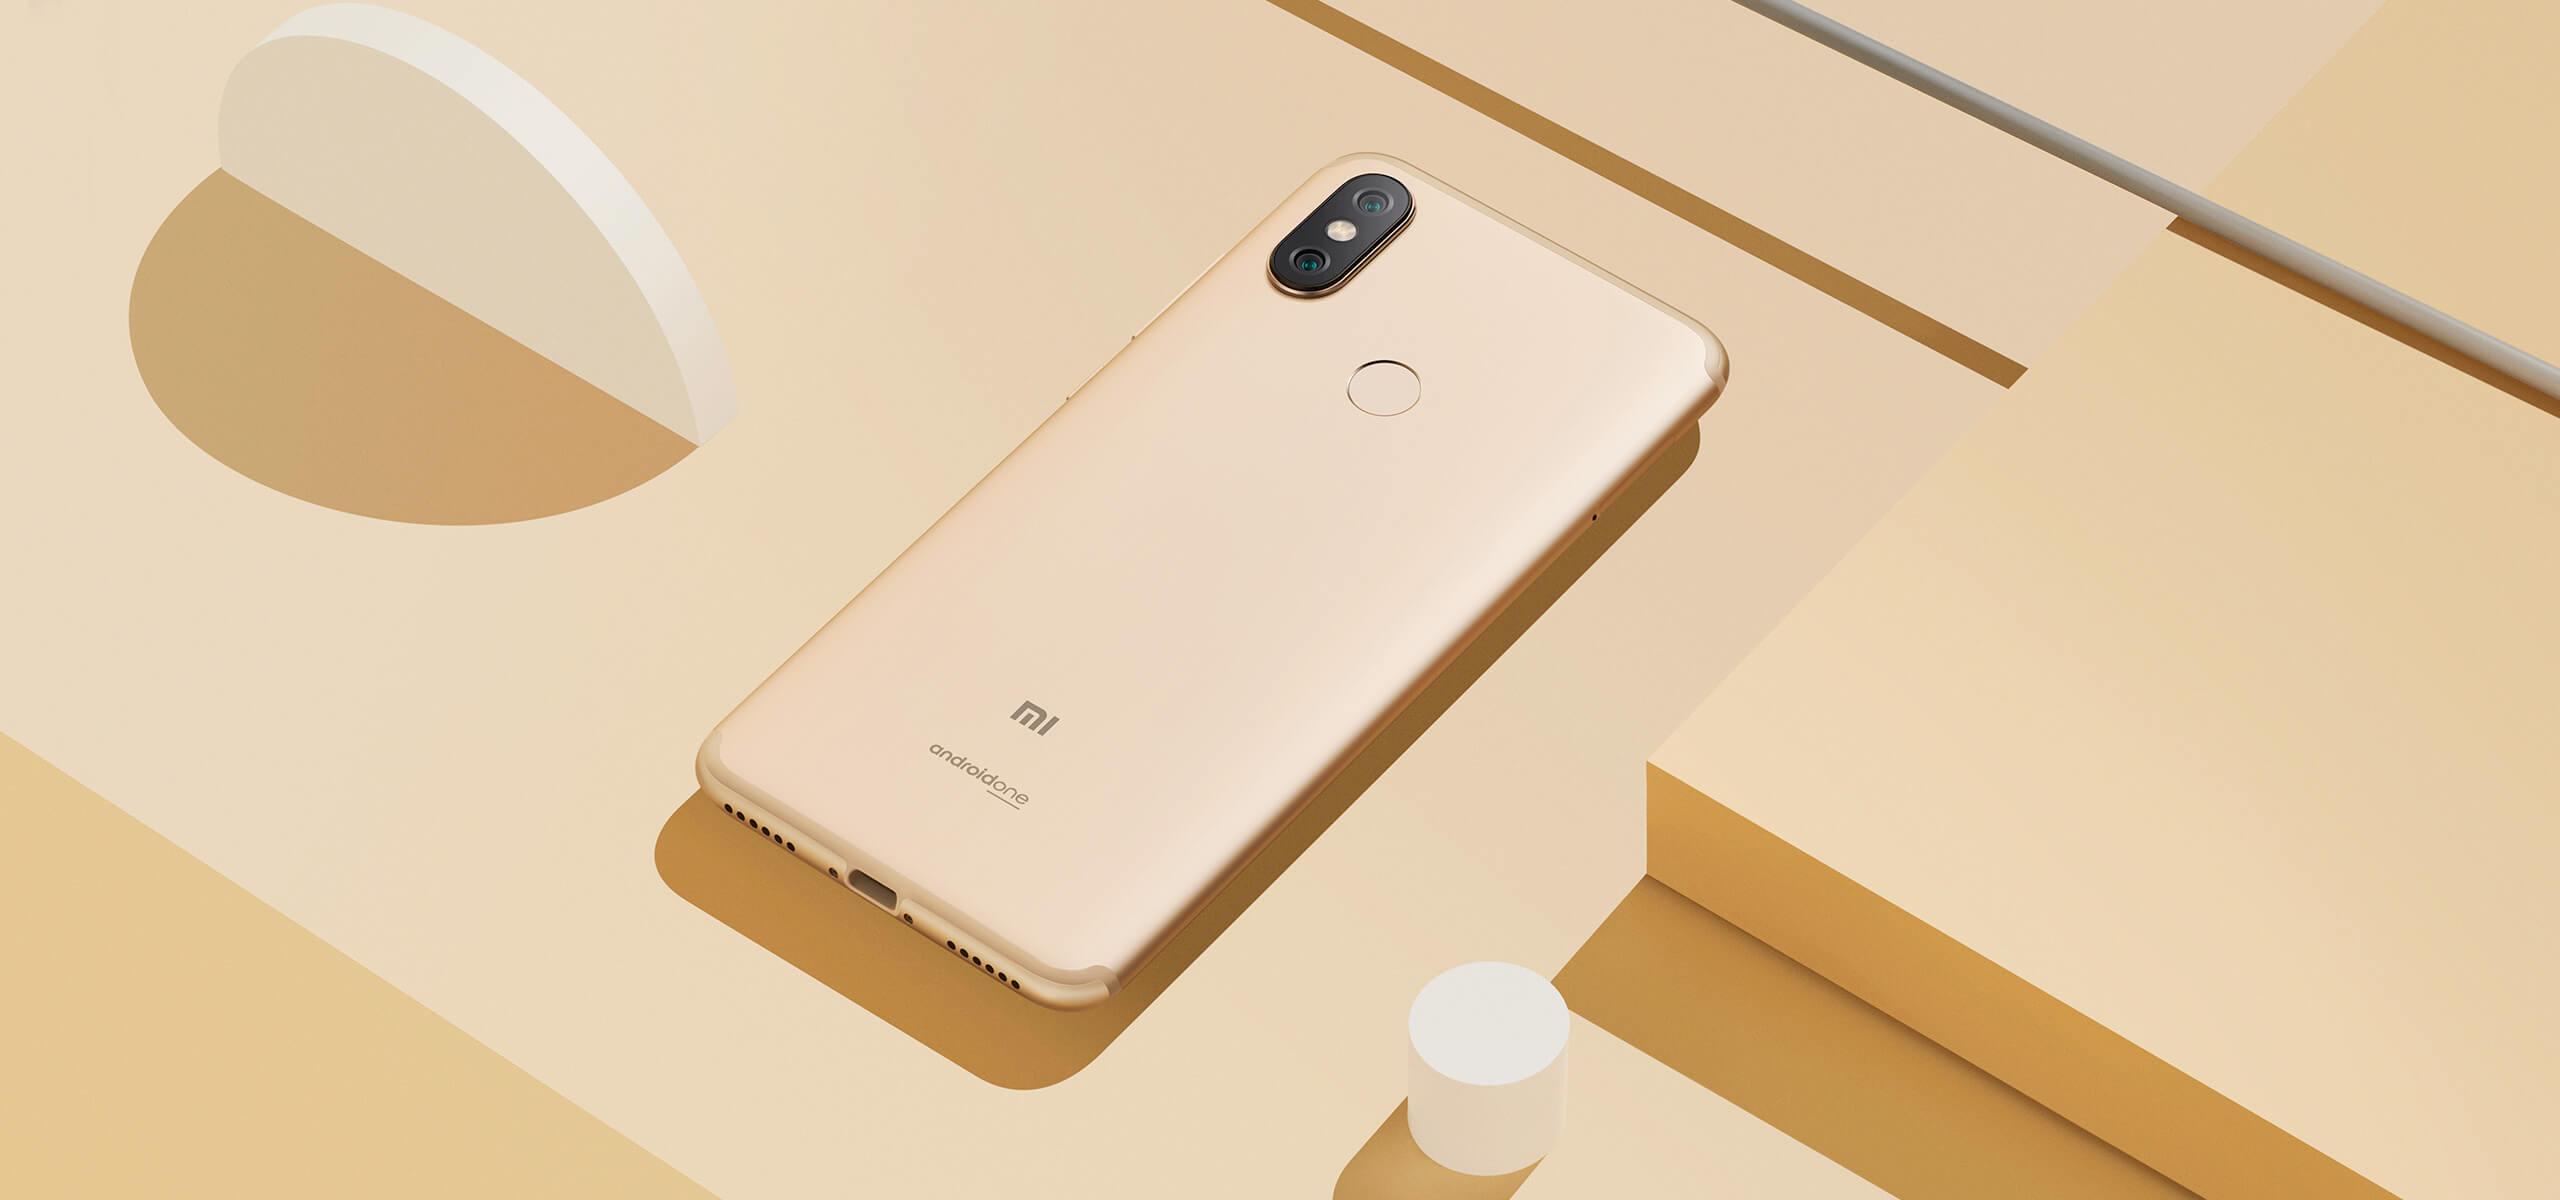 La estrategia de Xiaomi para seguir vendiendo smartphones tan baratos